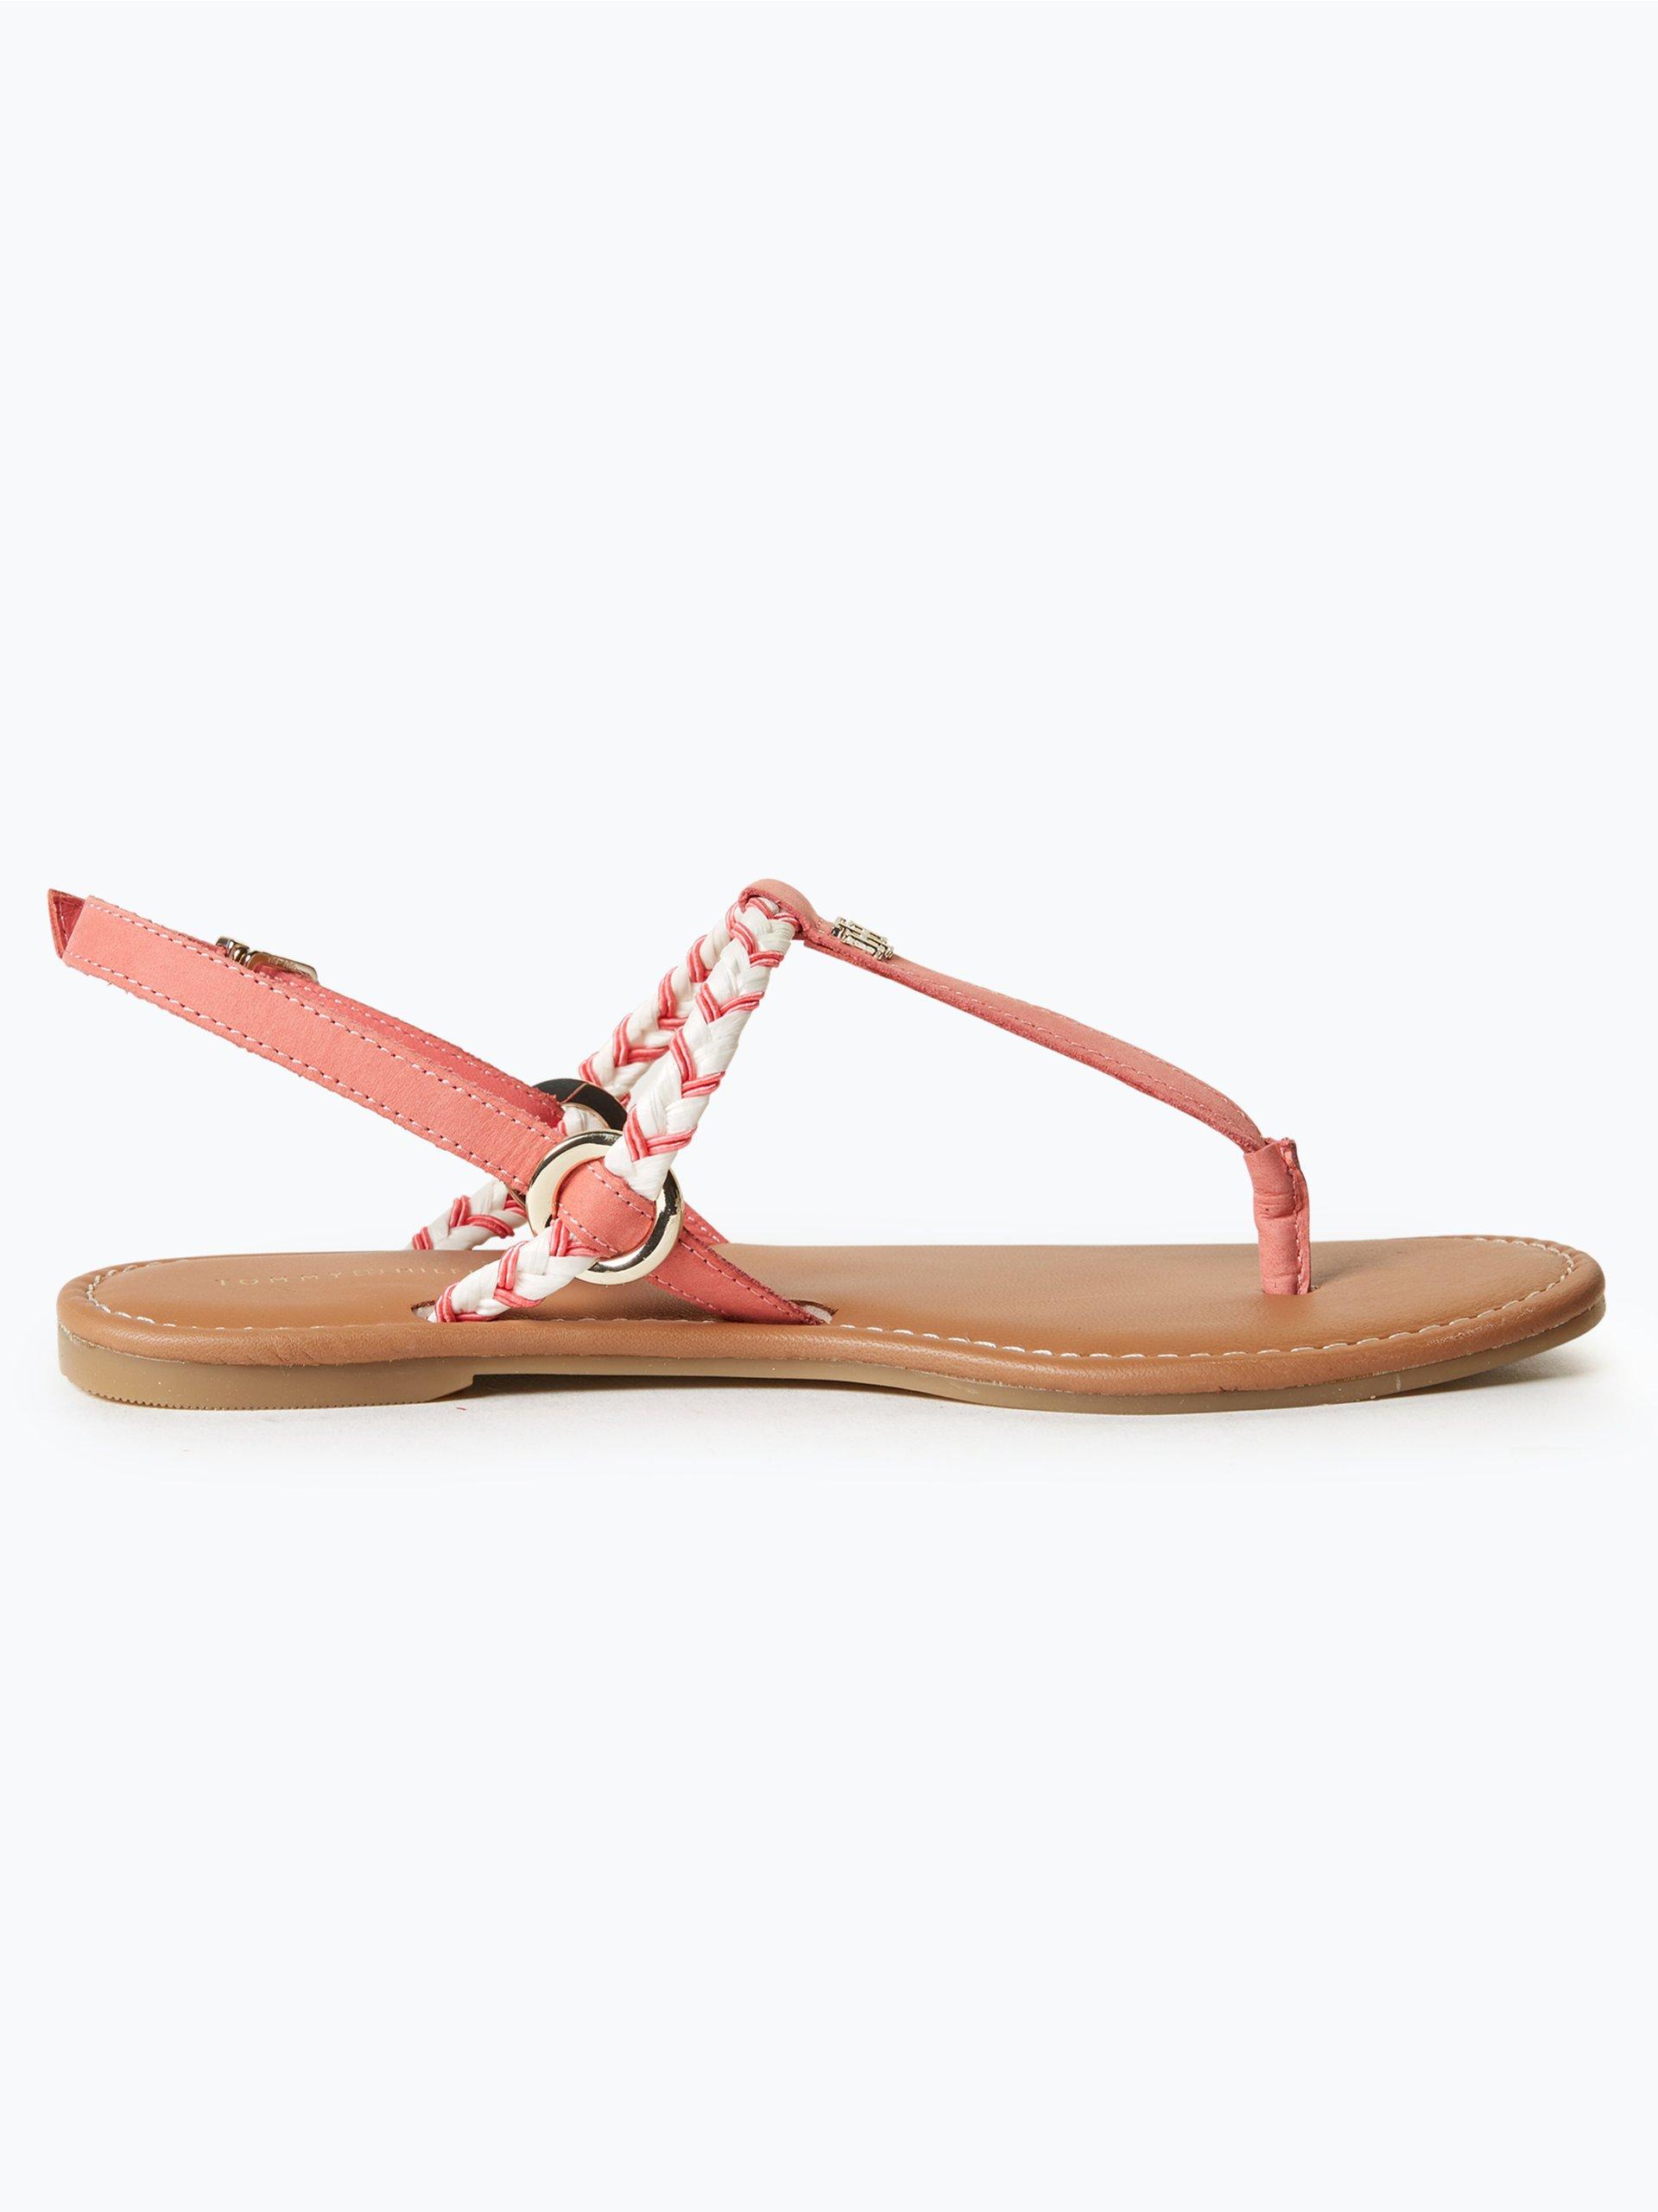 tommy hilfiger damen sandalen aus leder koralle uni online kaufen vangraaf com. Black Bedroom Furniture Sets. Home Design Ideas